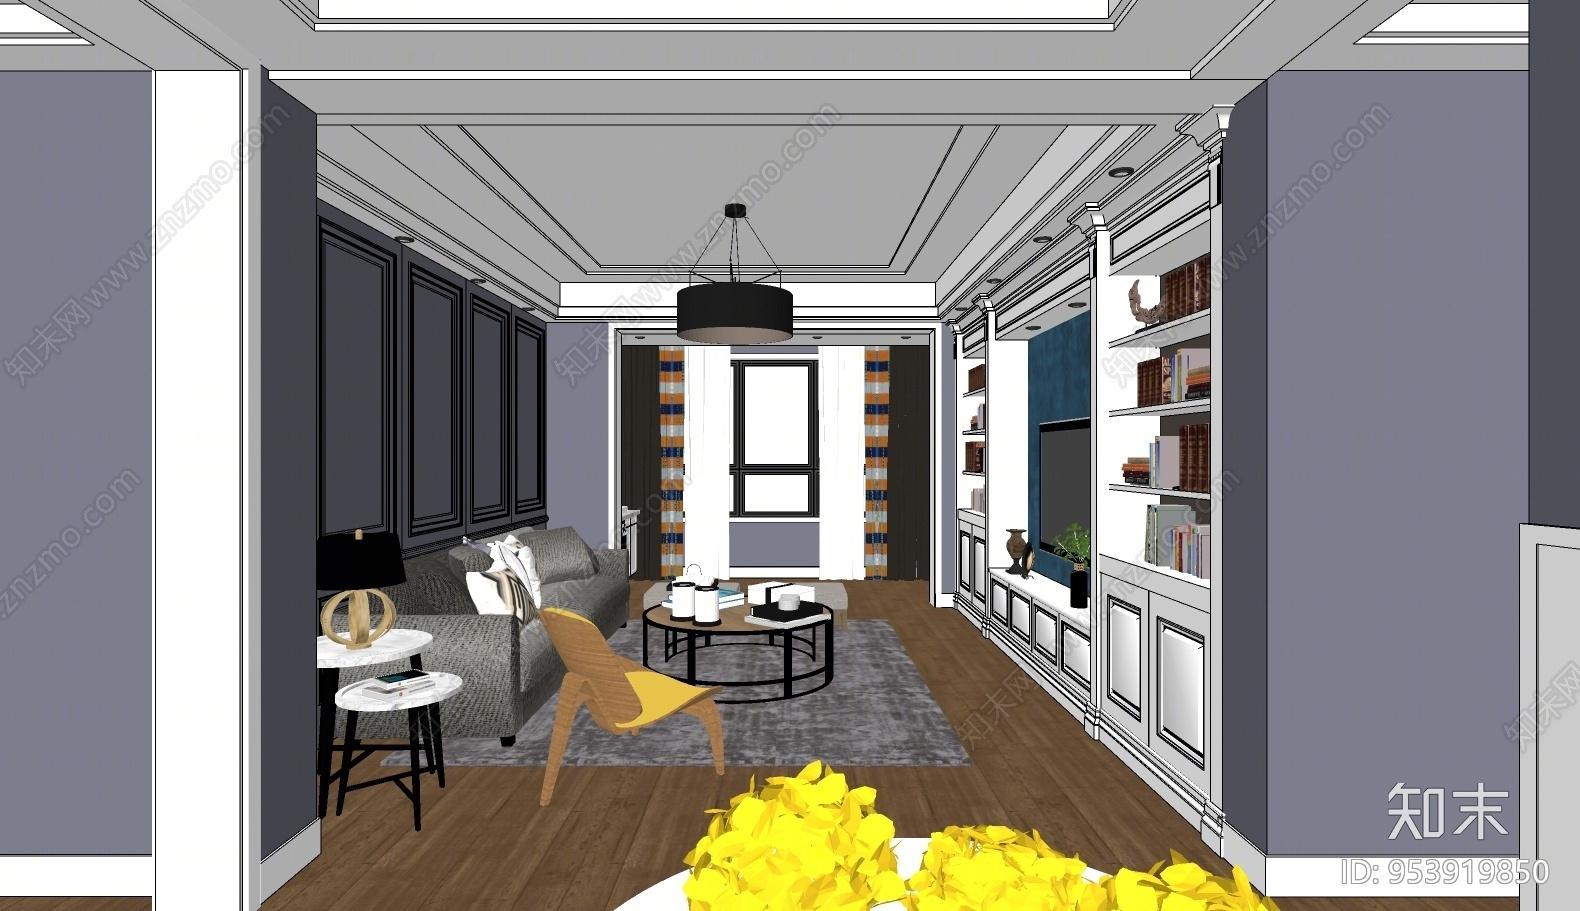 现代风格家居客厅SU模型下载【ID:953919850】